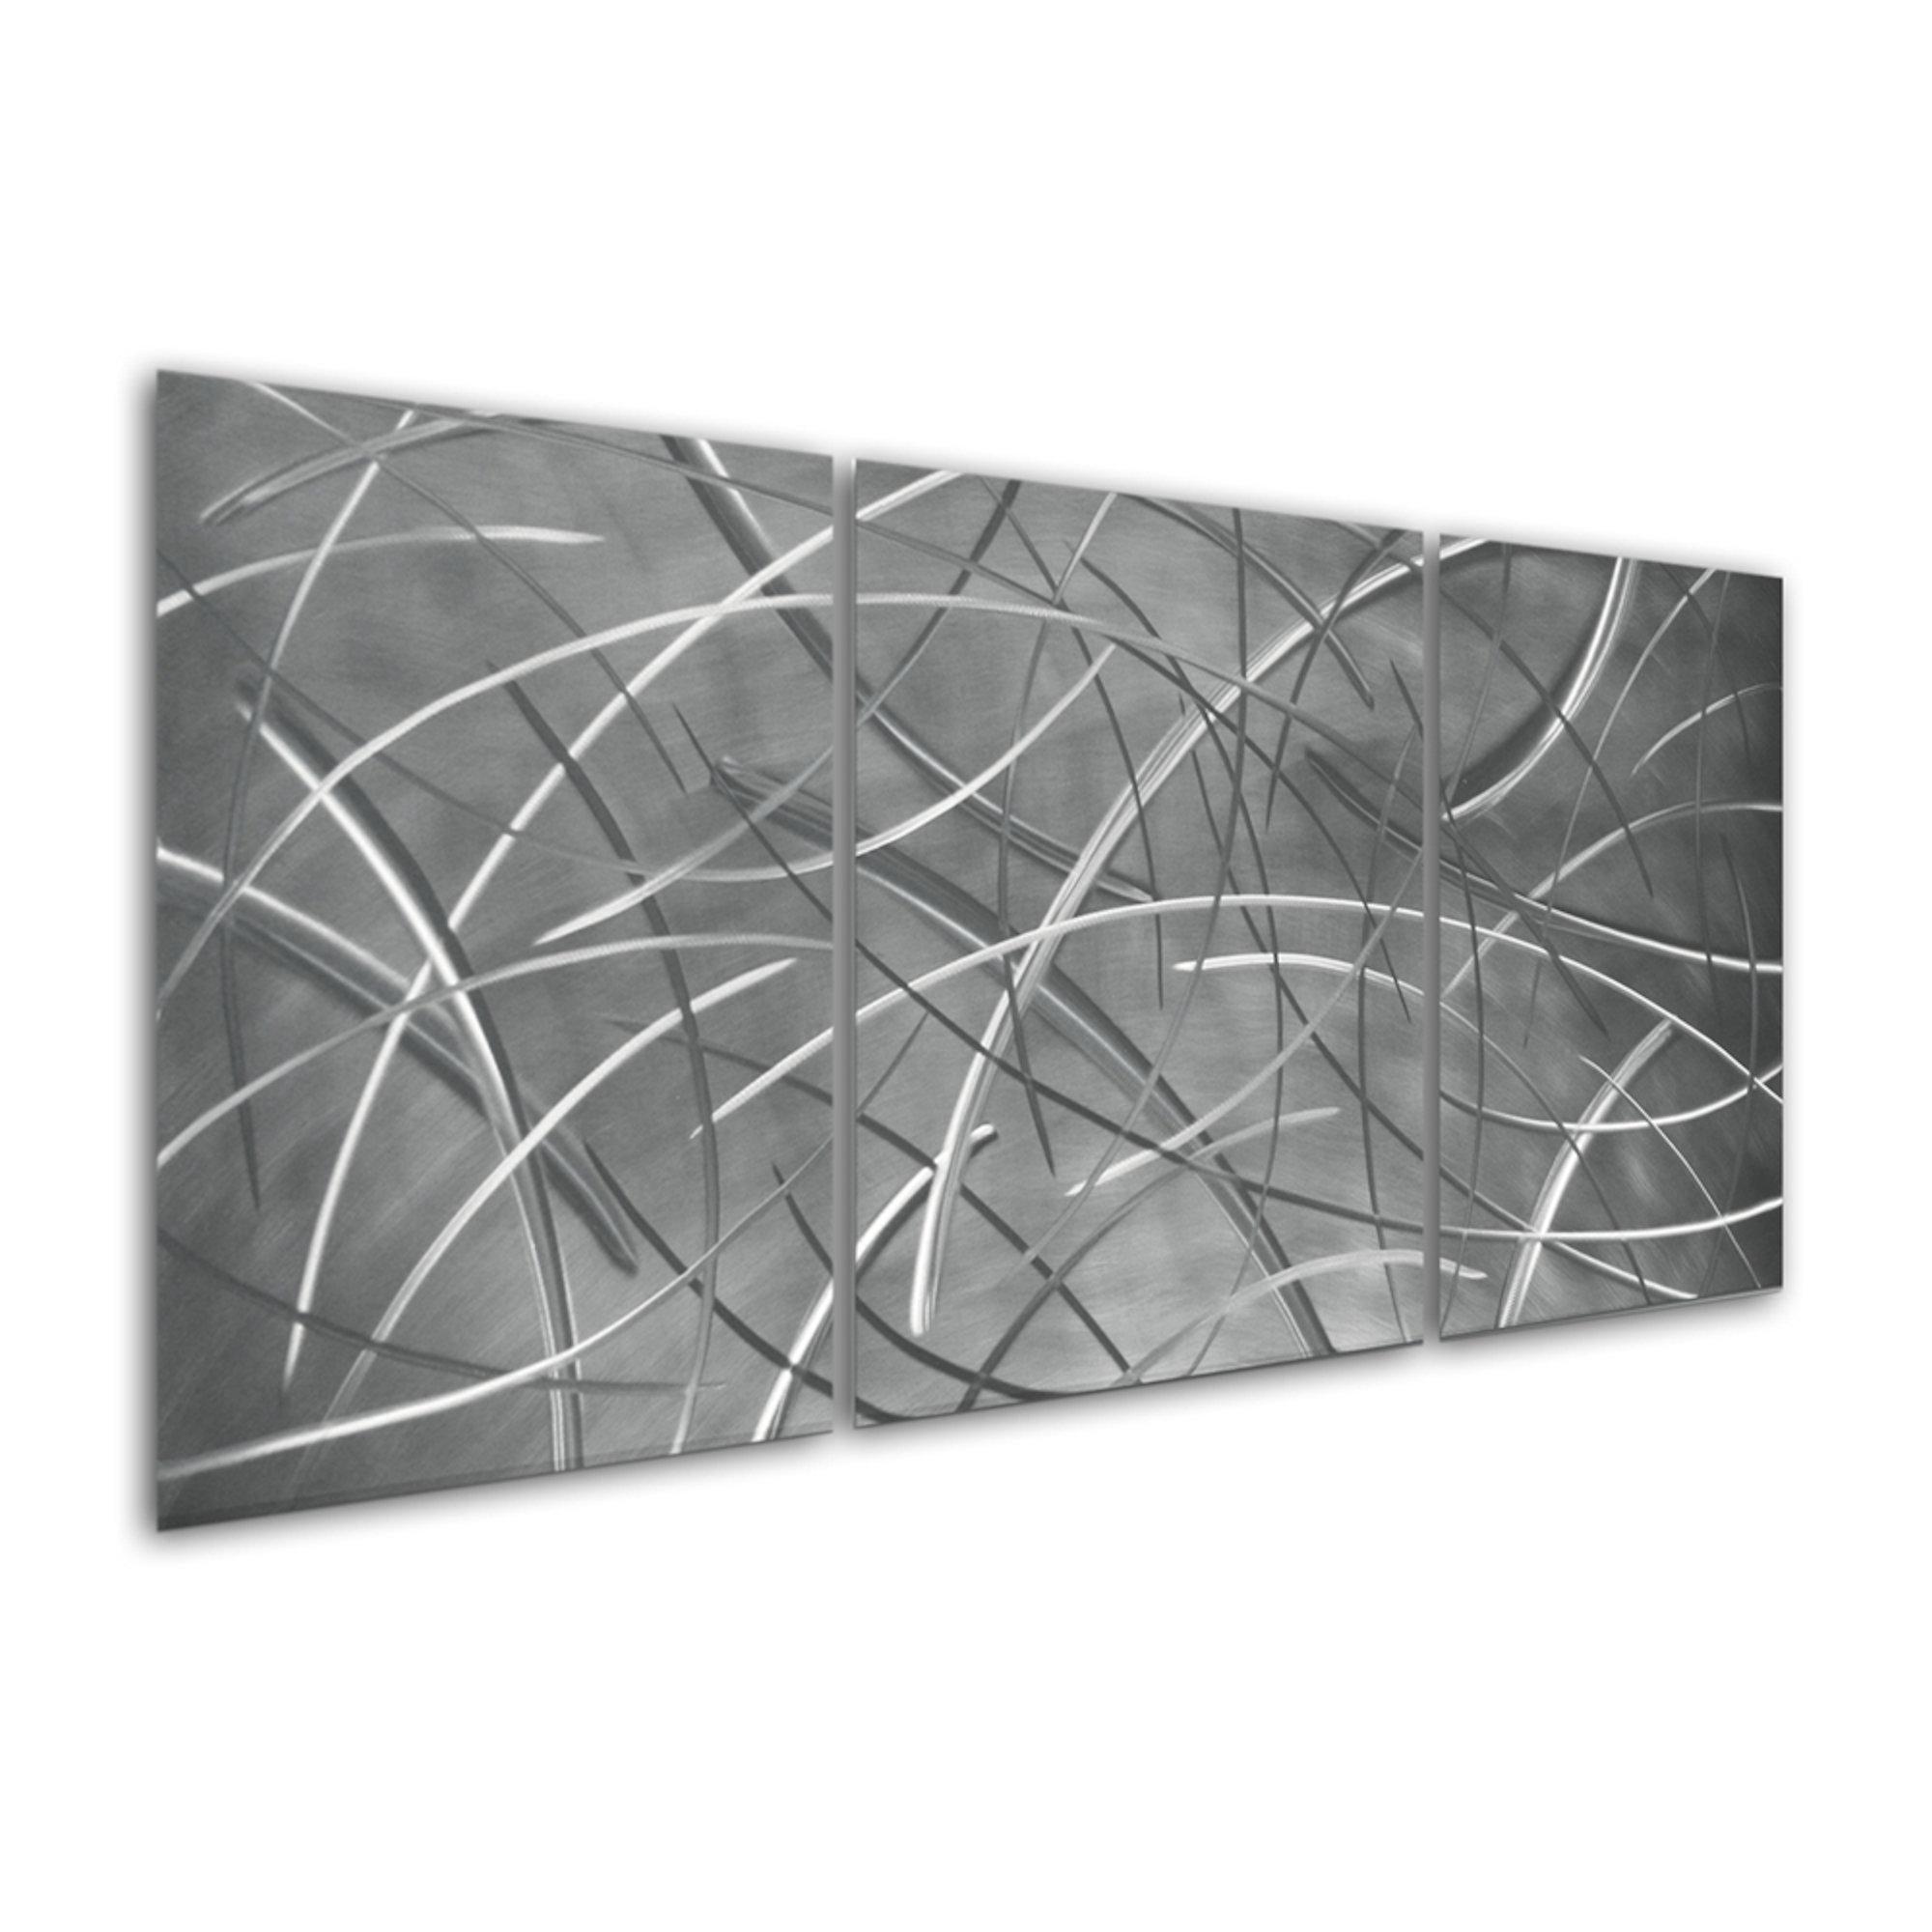 Large Metal Triptych Wall Art Contemporary Modern Sculpture Art by Sebastian R.